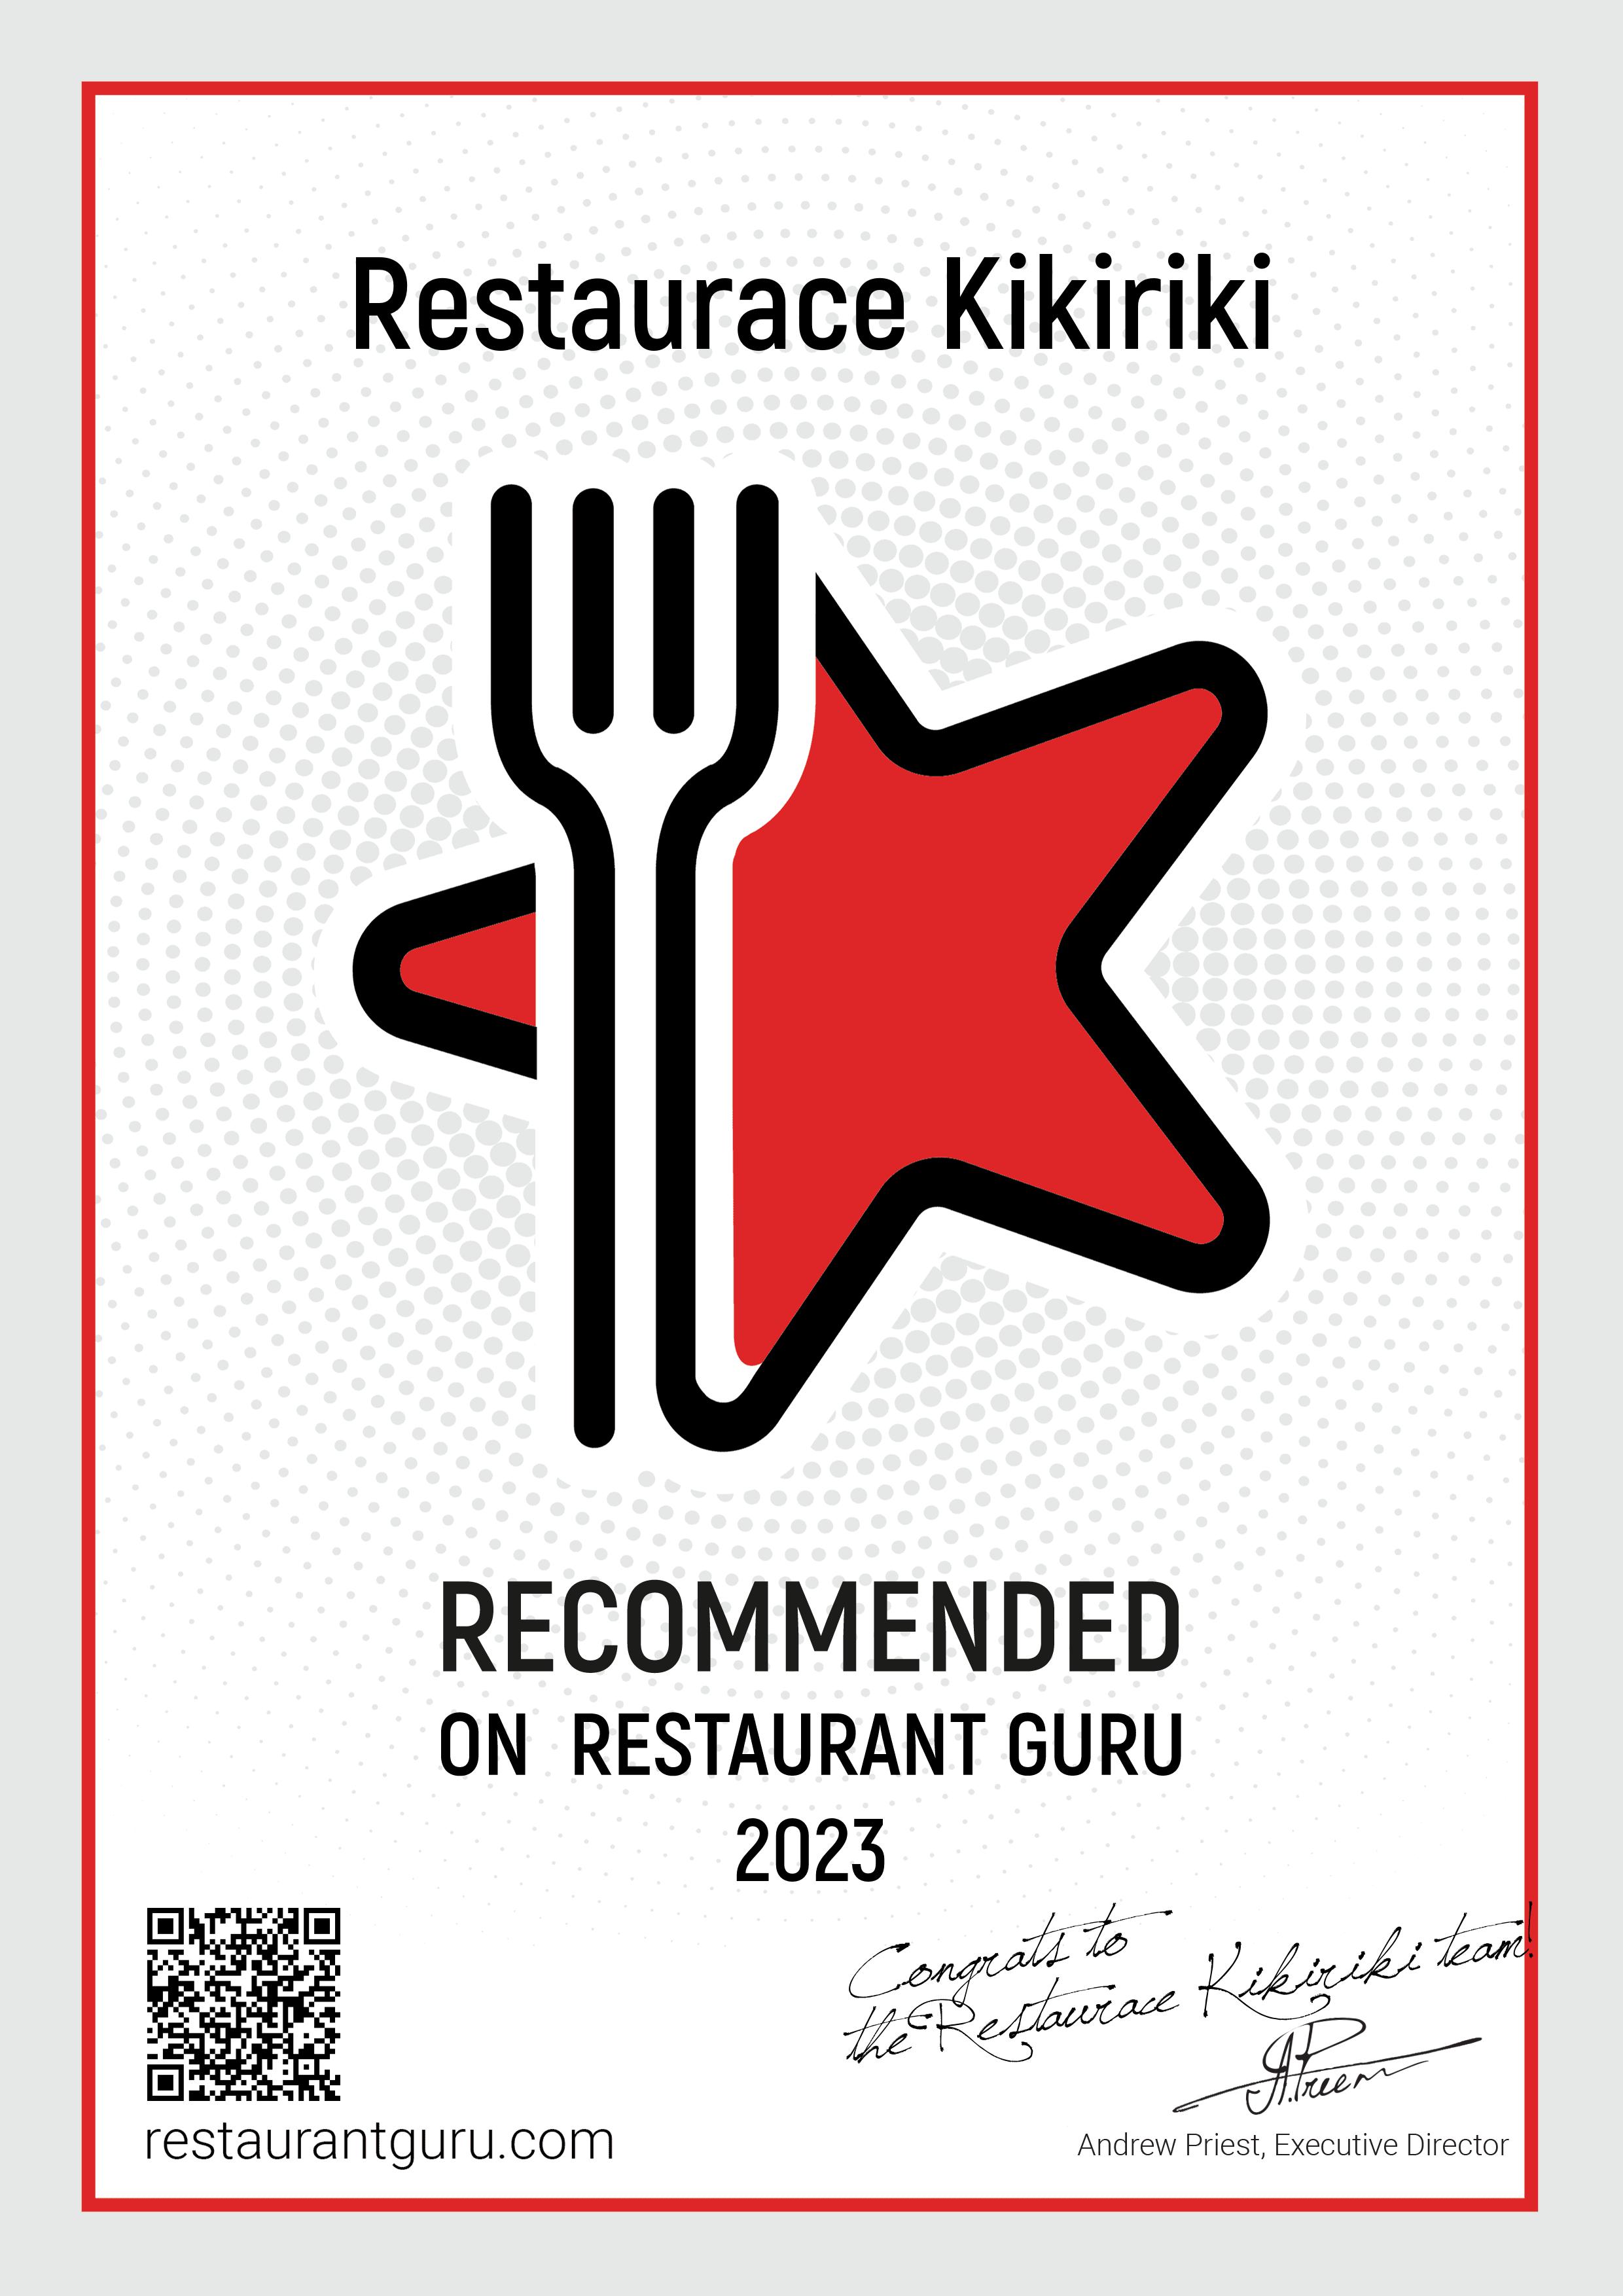 https://pw.restaurantguru.com/en/43433068/r/RestaurantGuru_Certificate1.png?download